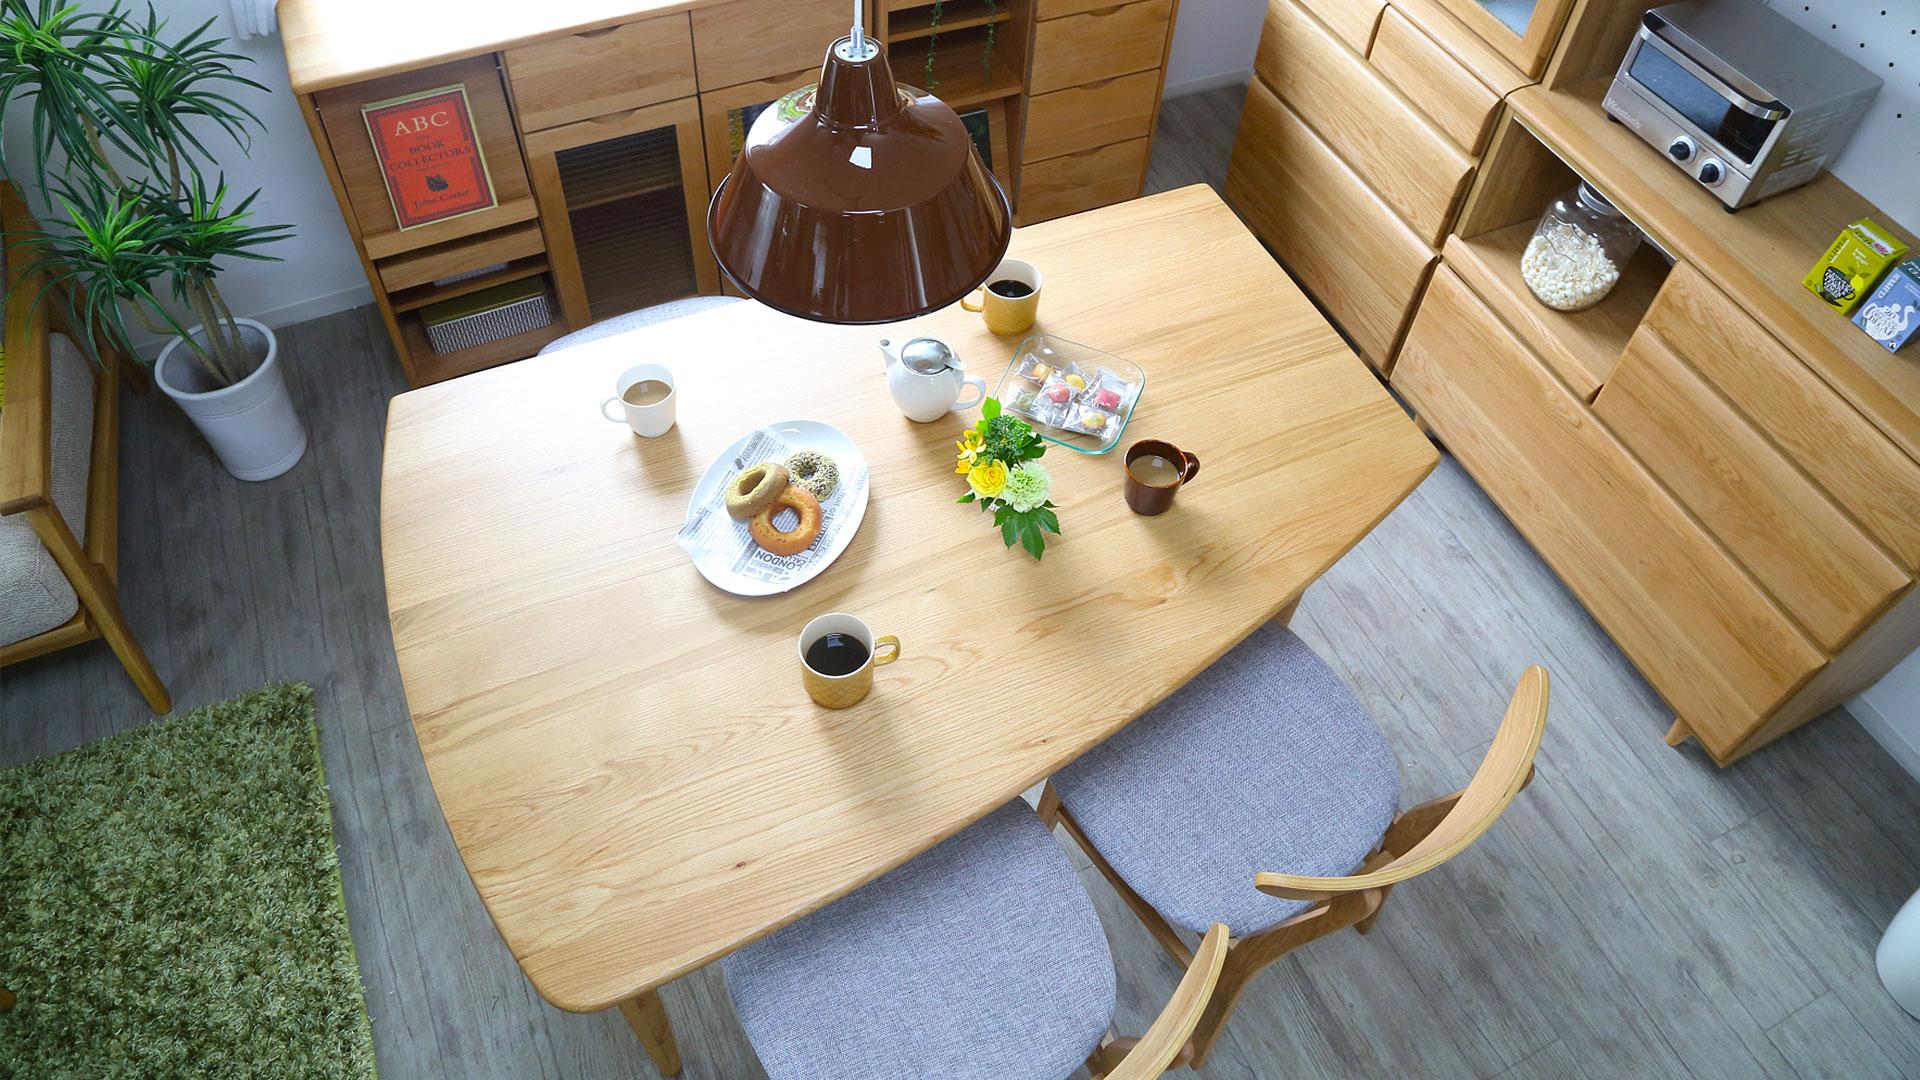 リビンズのダイニングセット「エマール」の変形テーブルの展示画像